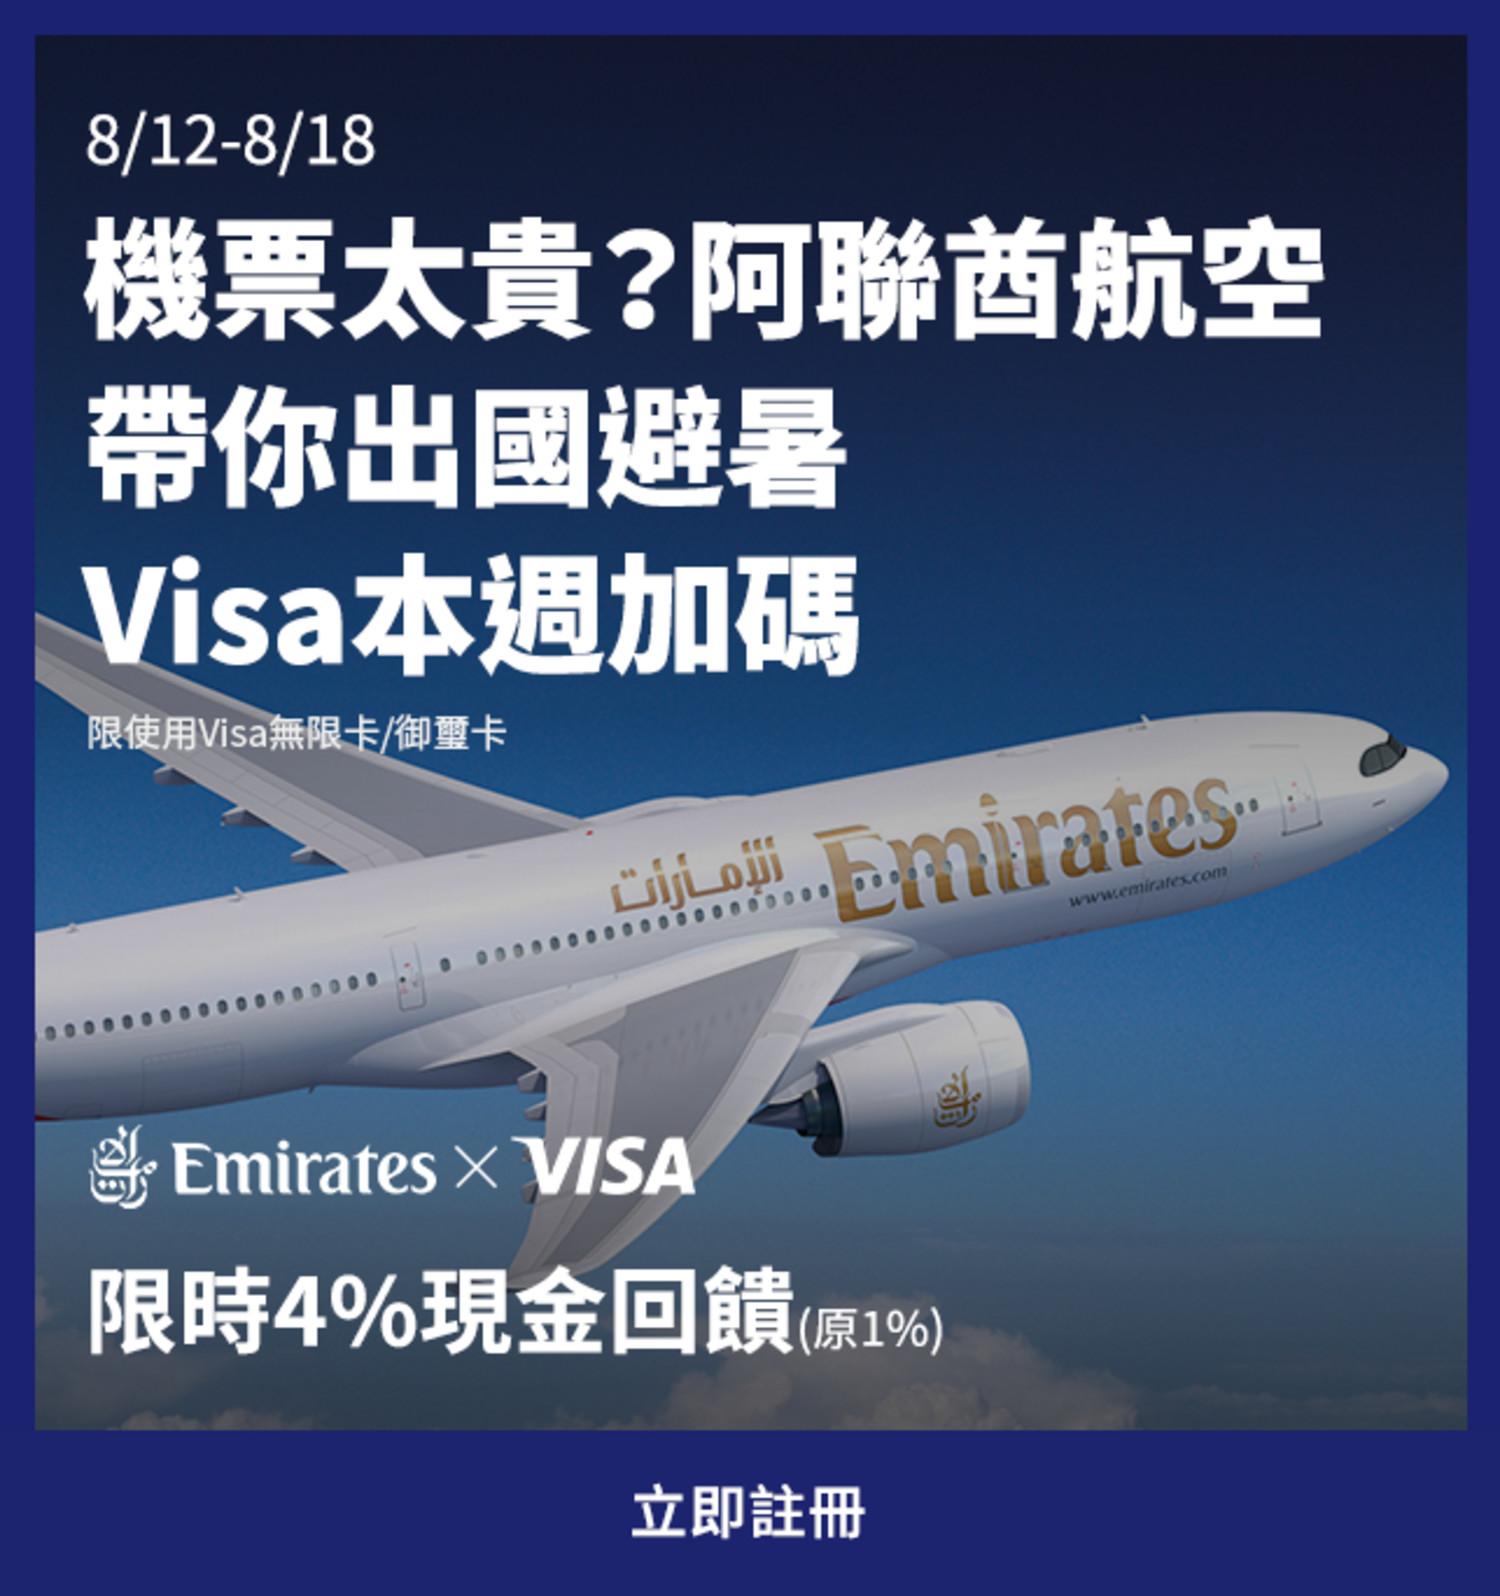 Visa 8/12-8/19 限定 阿聯酋